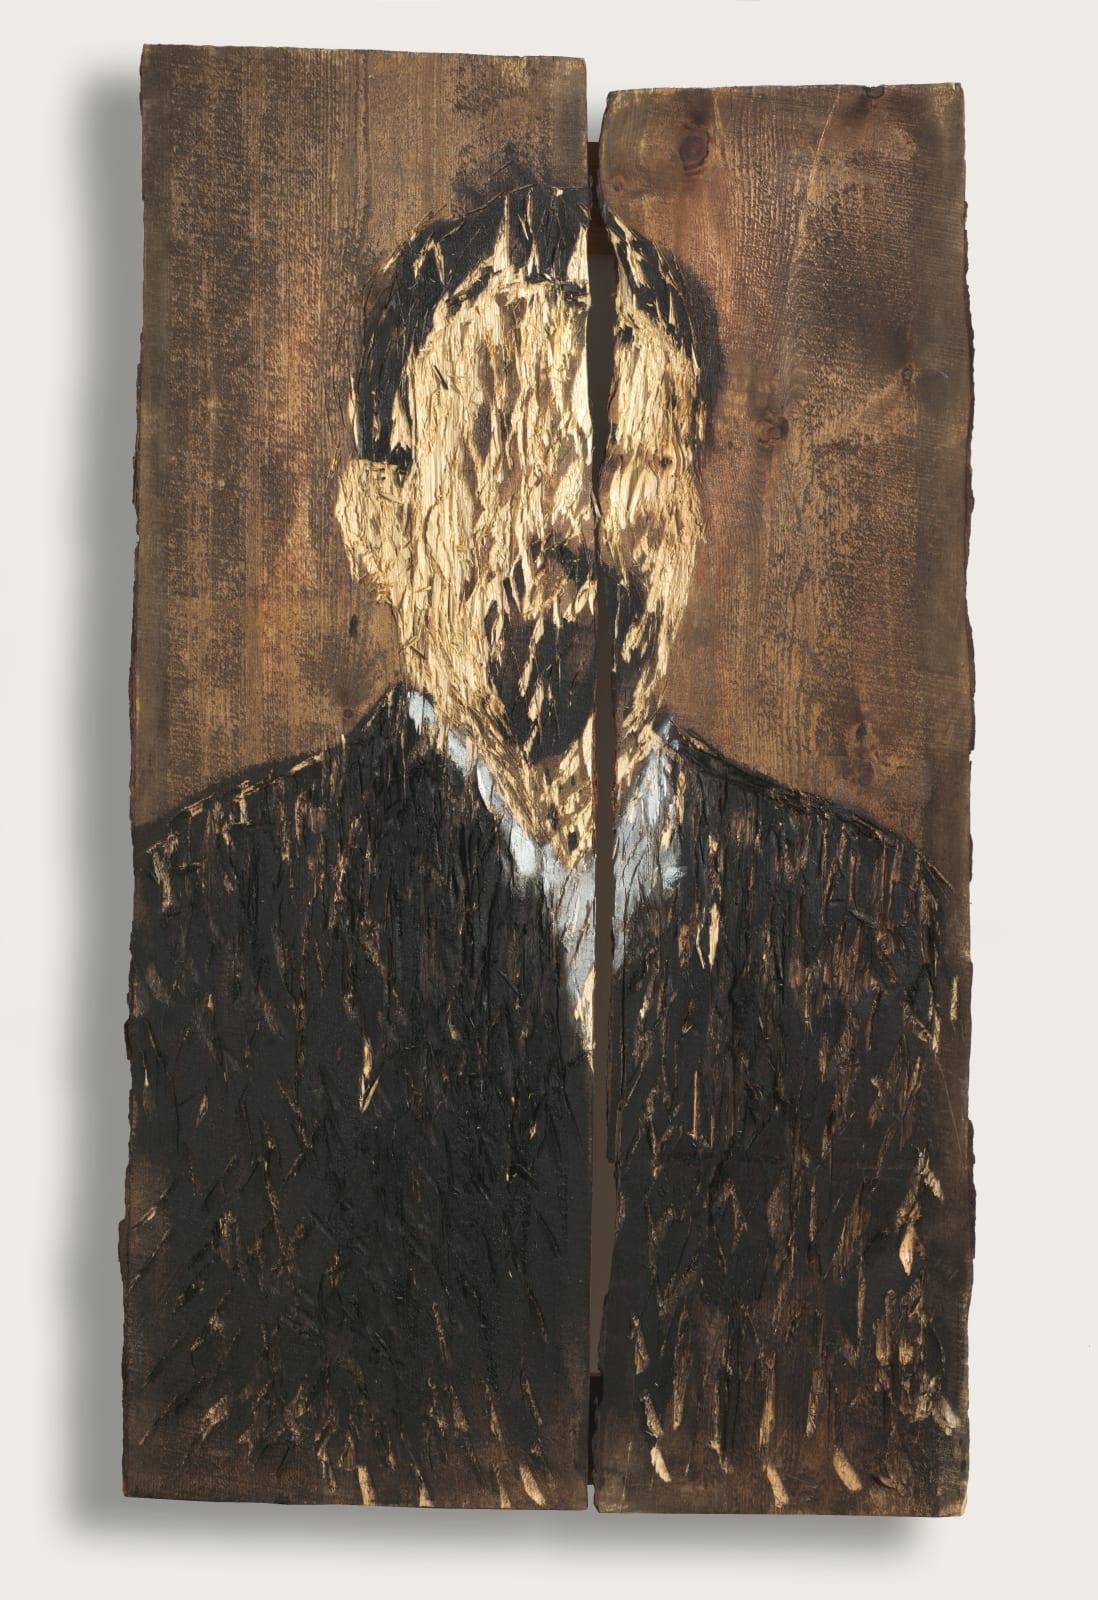 Nestor Engelke Wooden portrait of Anton Chehov from the series